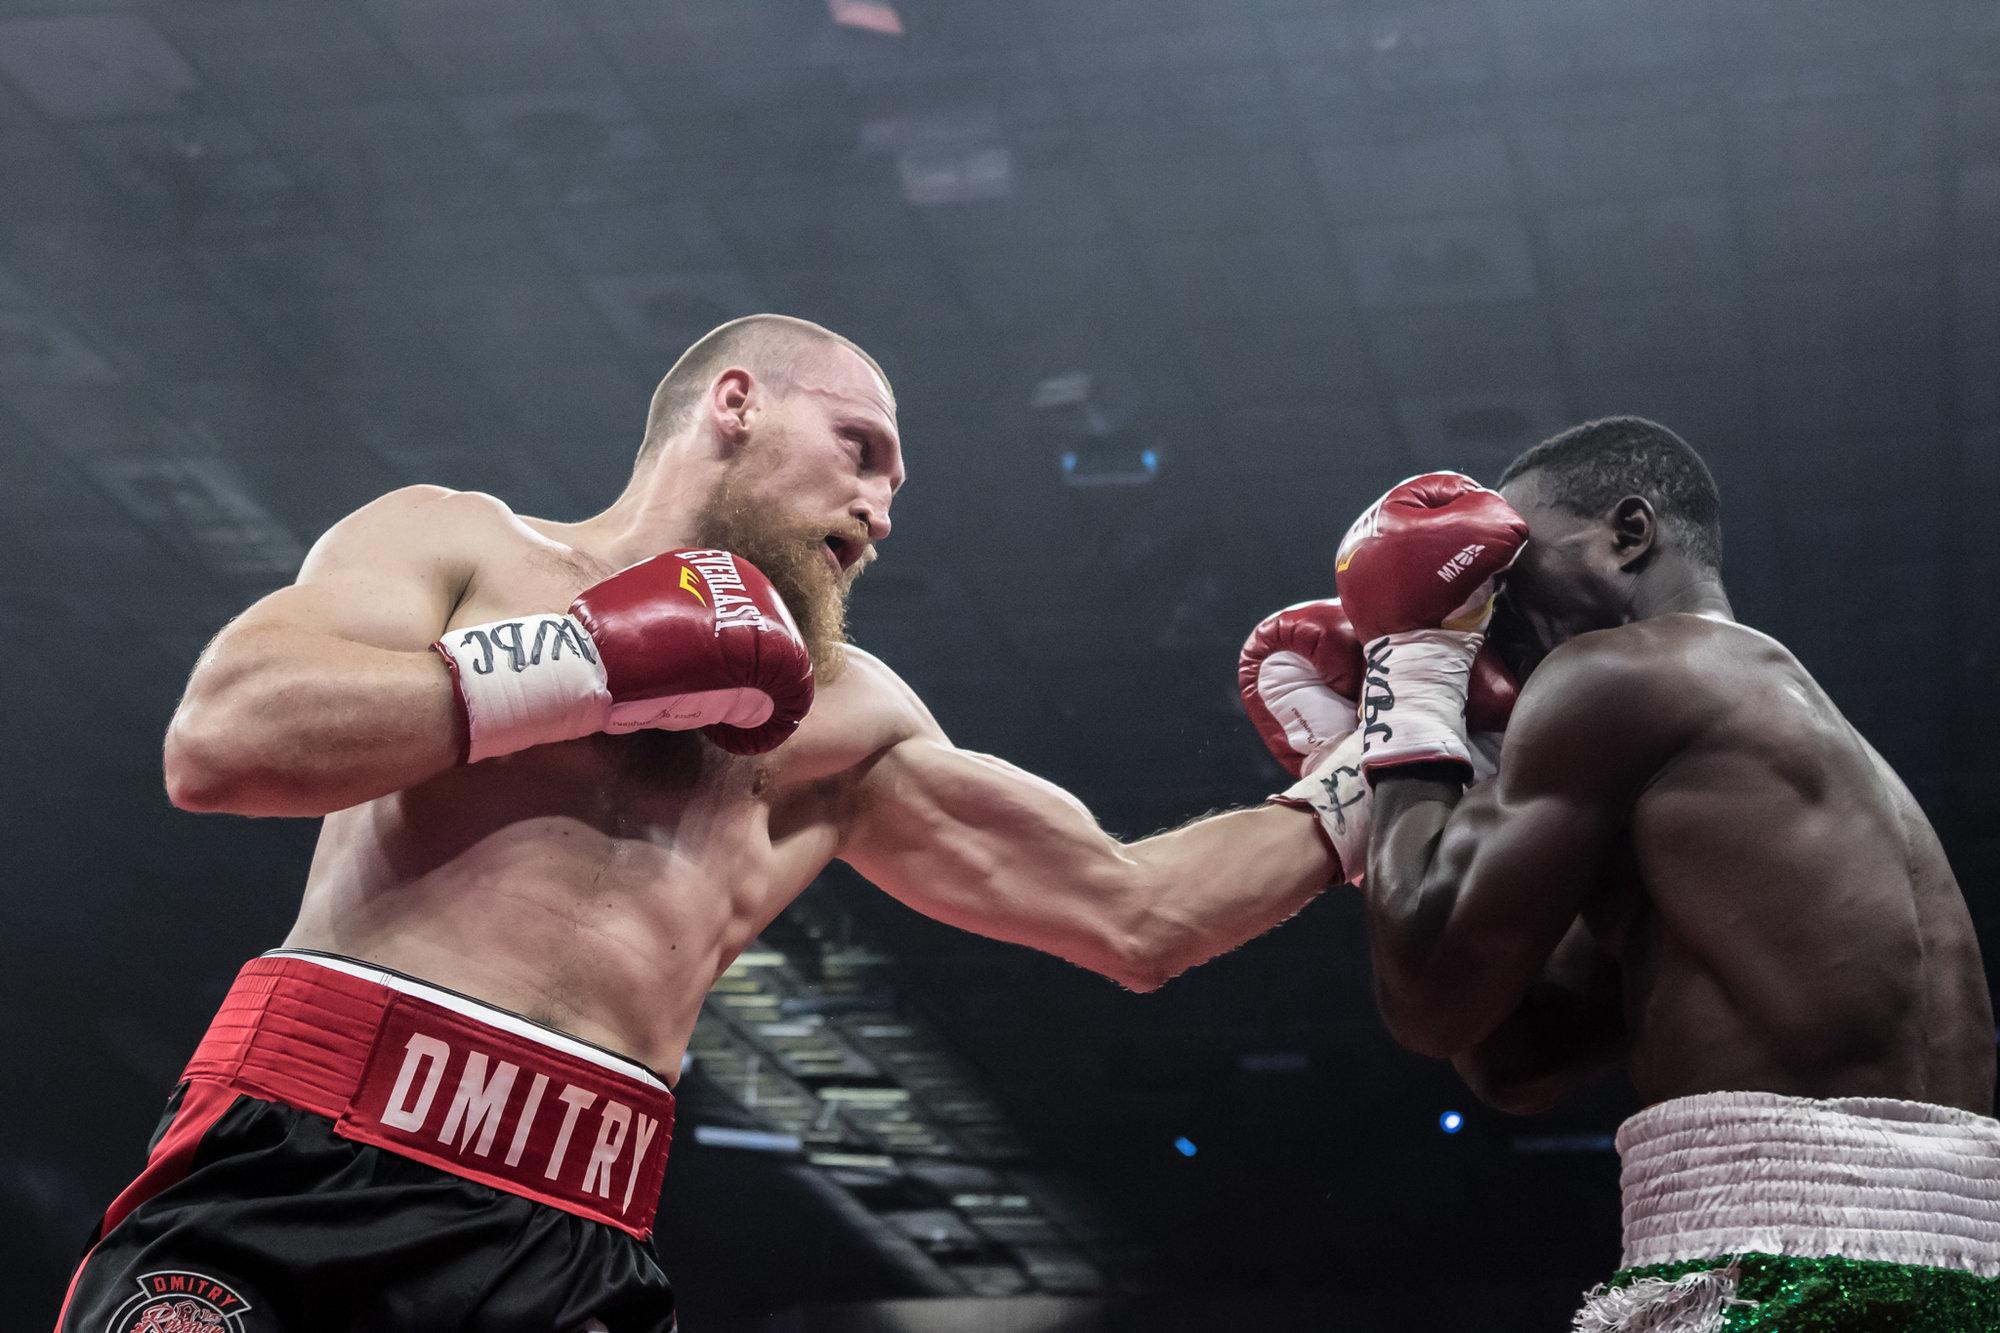 Определились соперники Гассиева иКудряшова во глобальной боксерской суперсерии